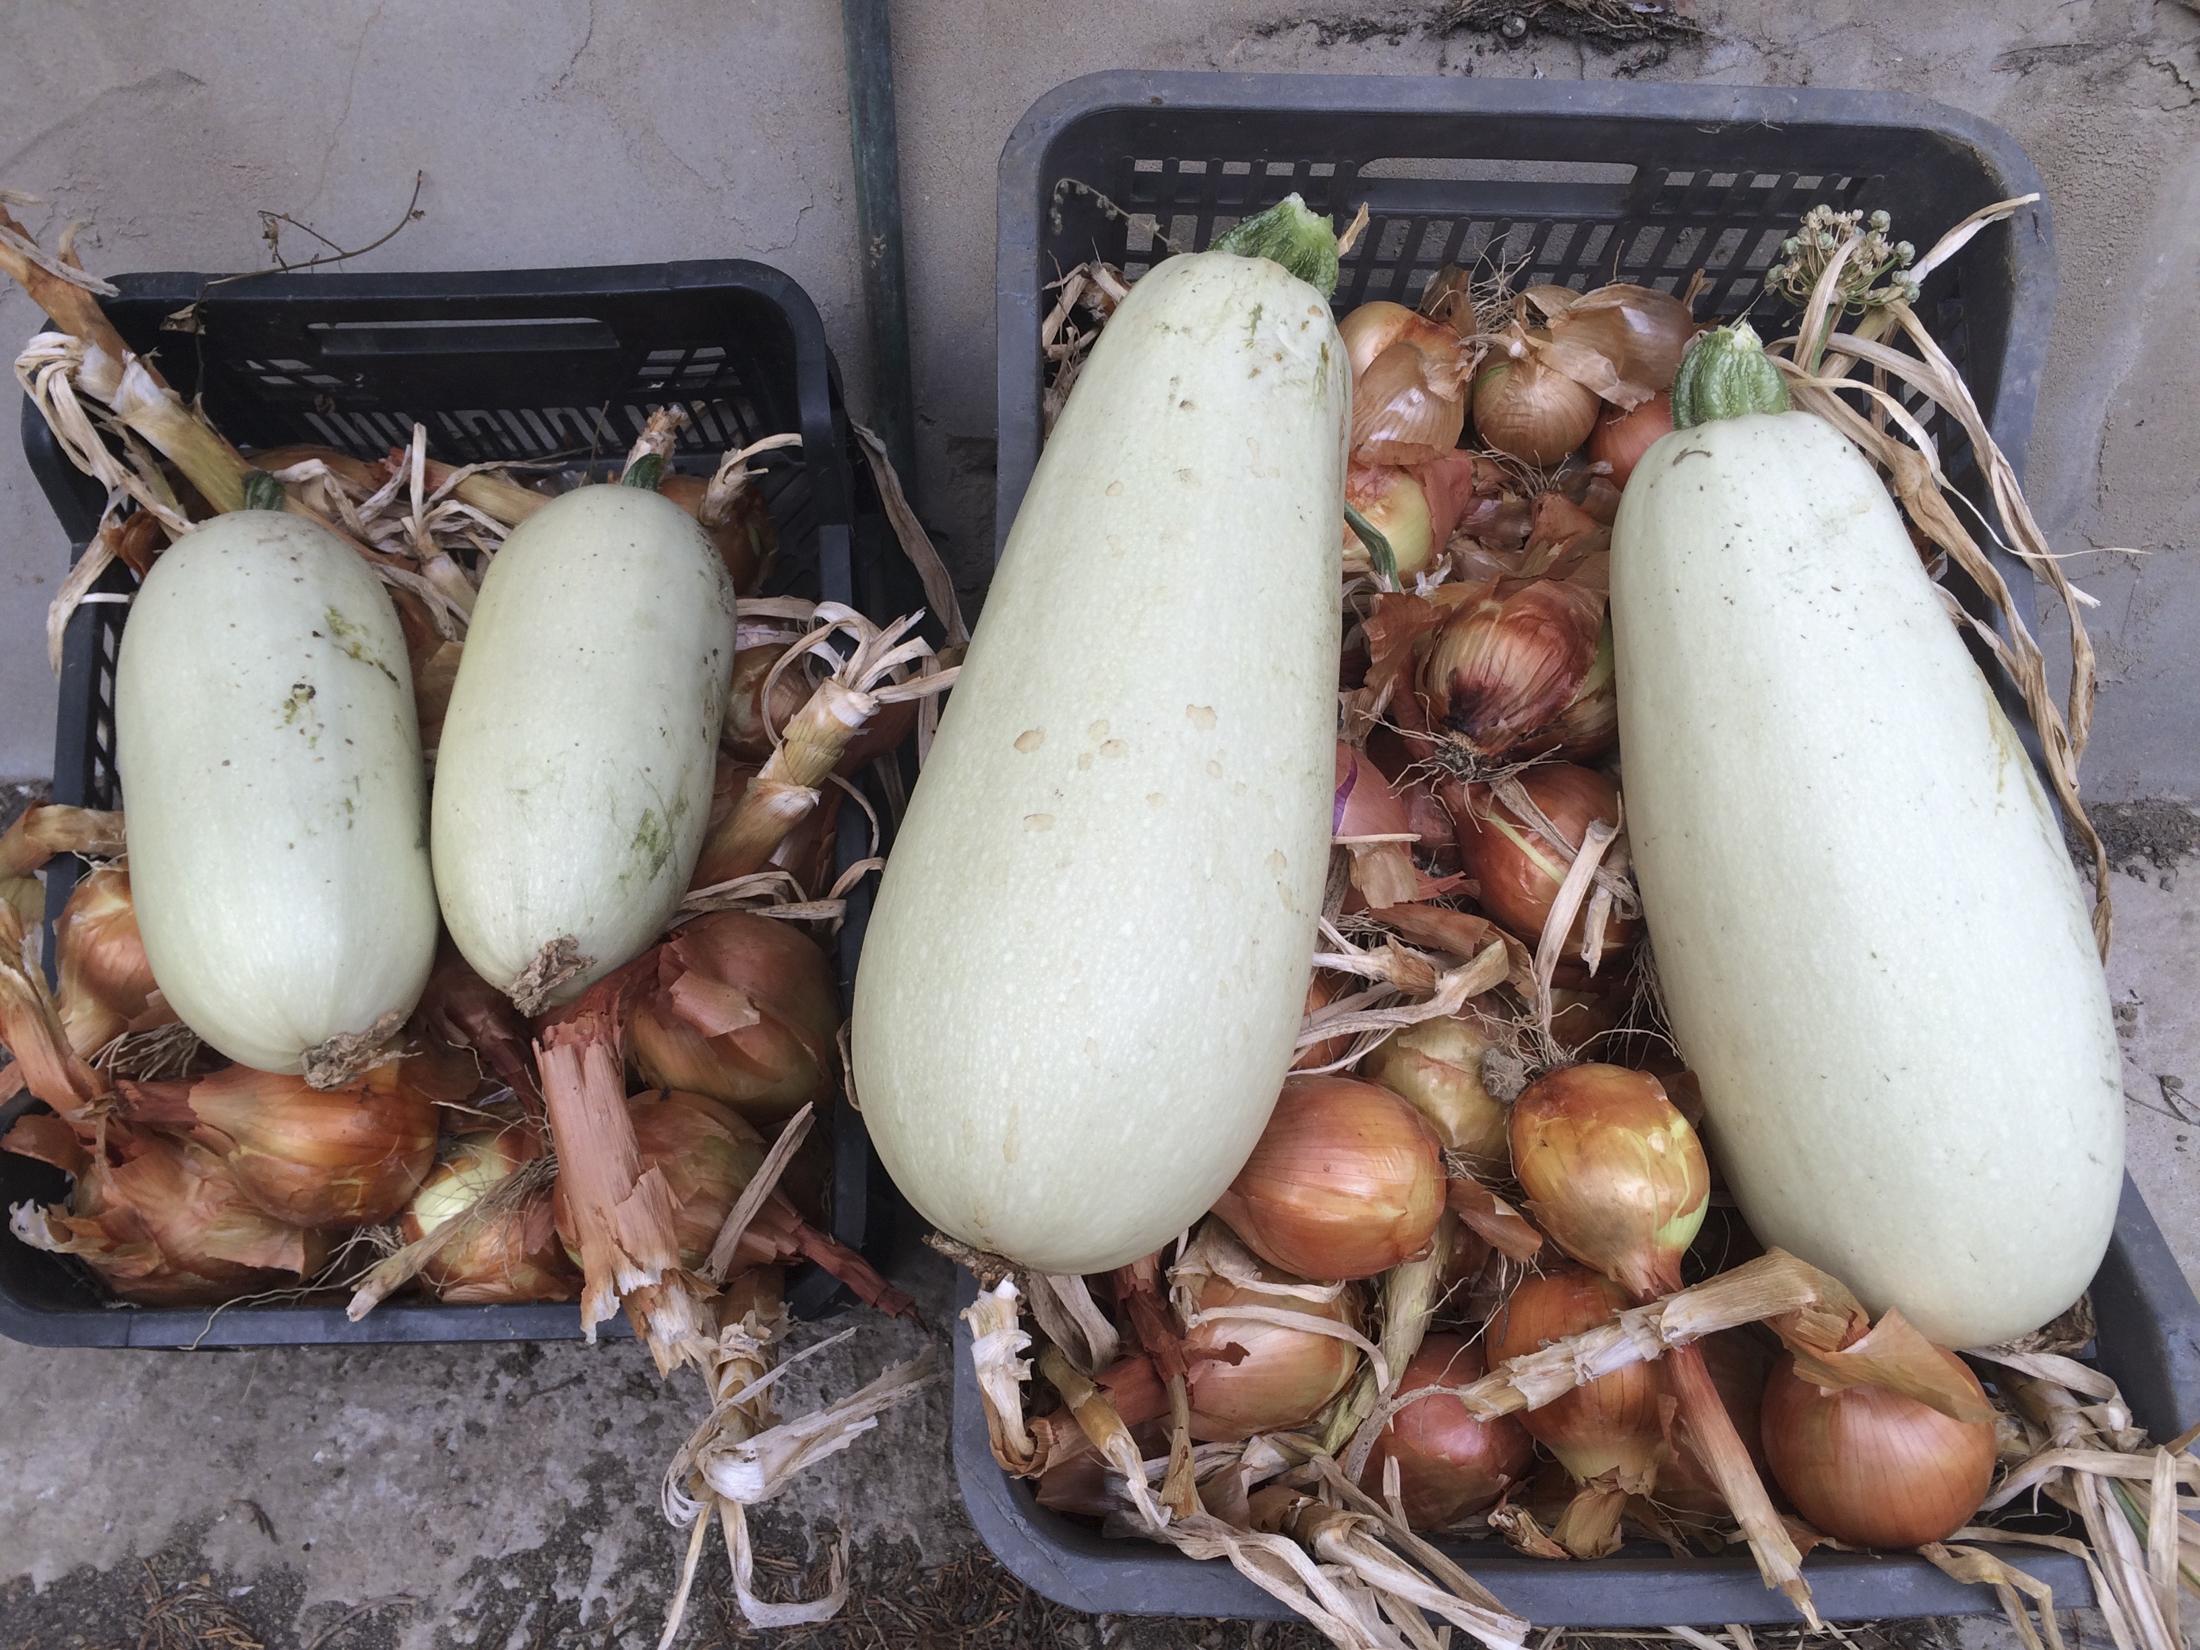 Organic Zucchini and onions